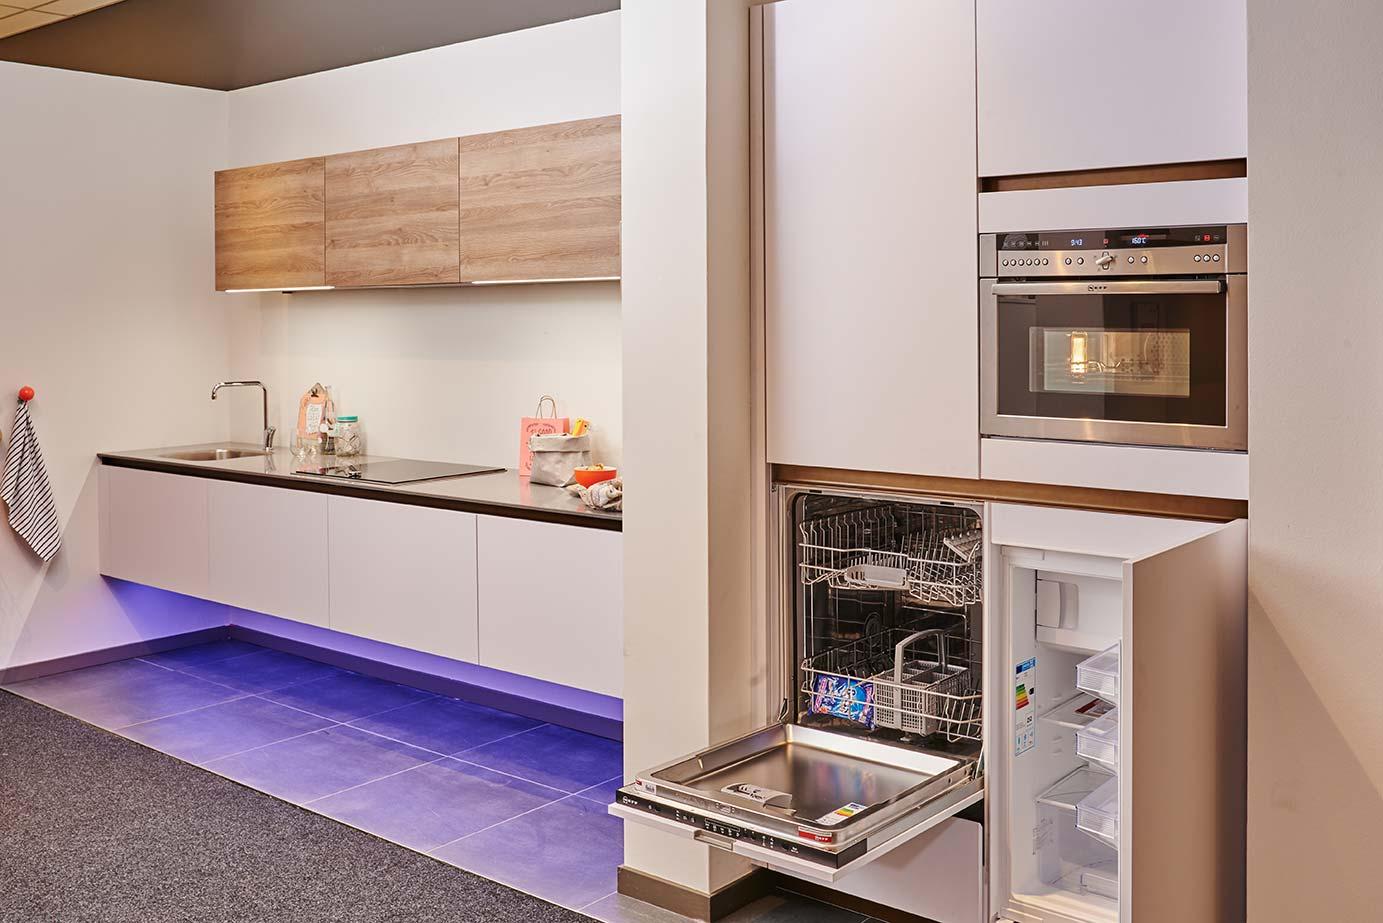 Uitbouwen Keuken Kosten : Keuken ontwerpen. Maak kennis met slimme techniek! – Keur